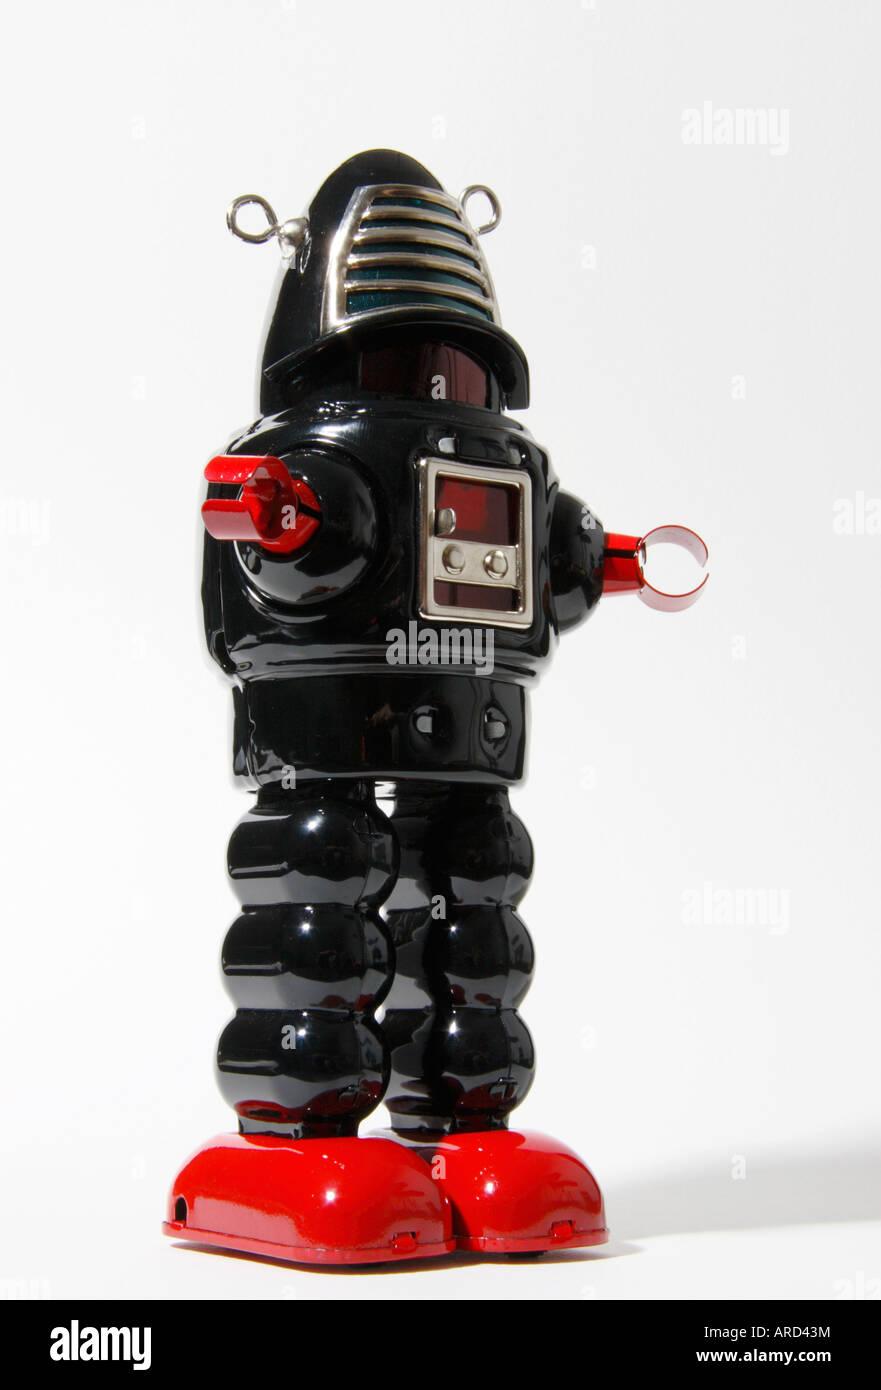 Ein Robbie Stil Retro-Roboter. Stockbild